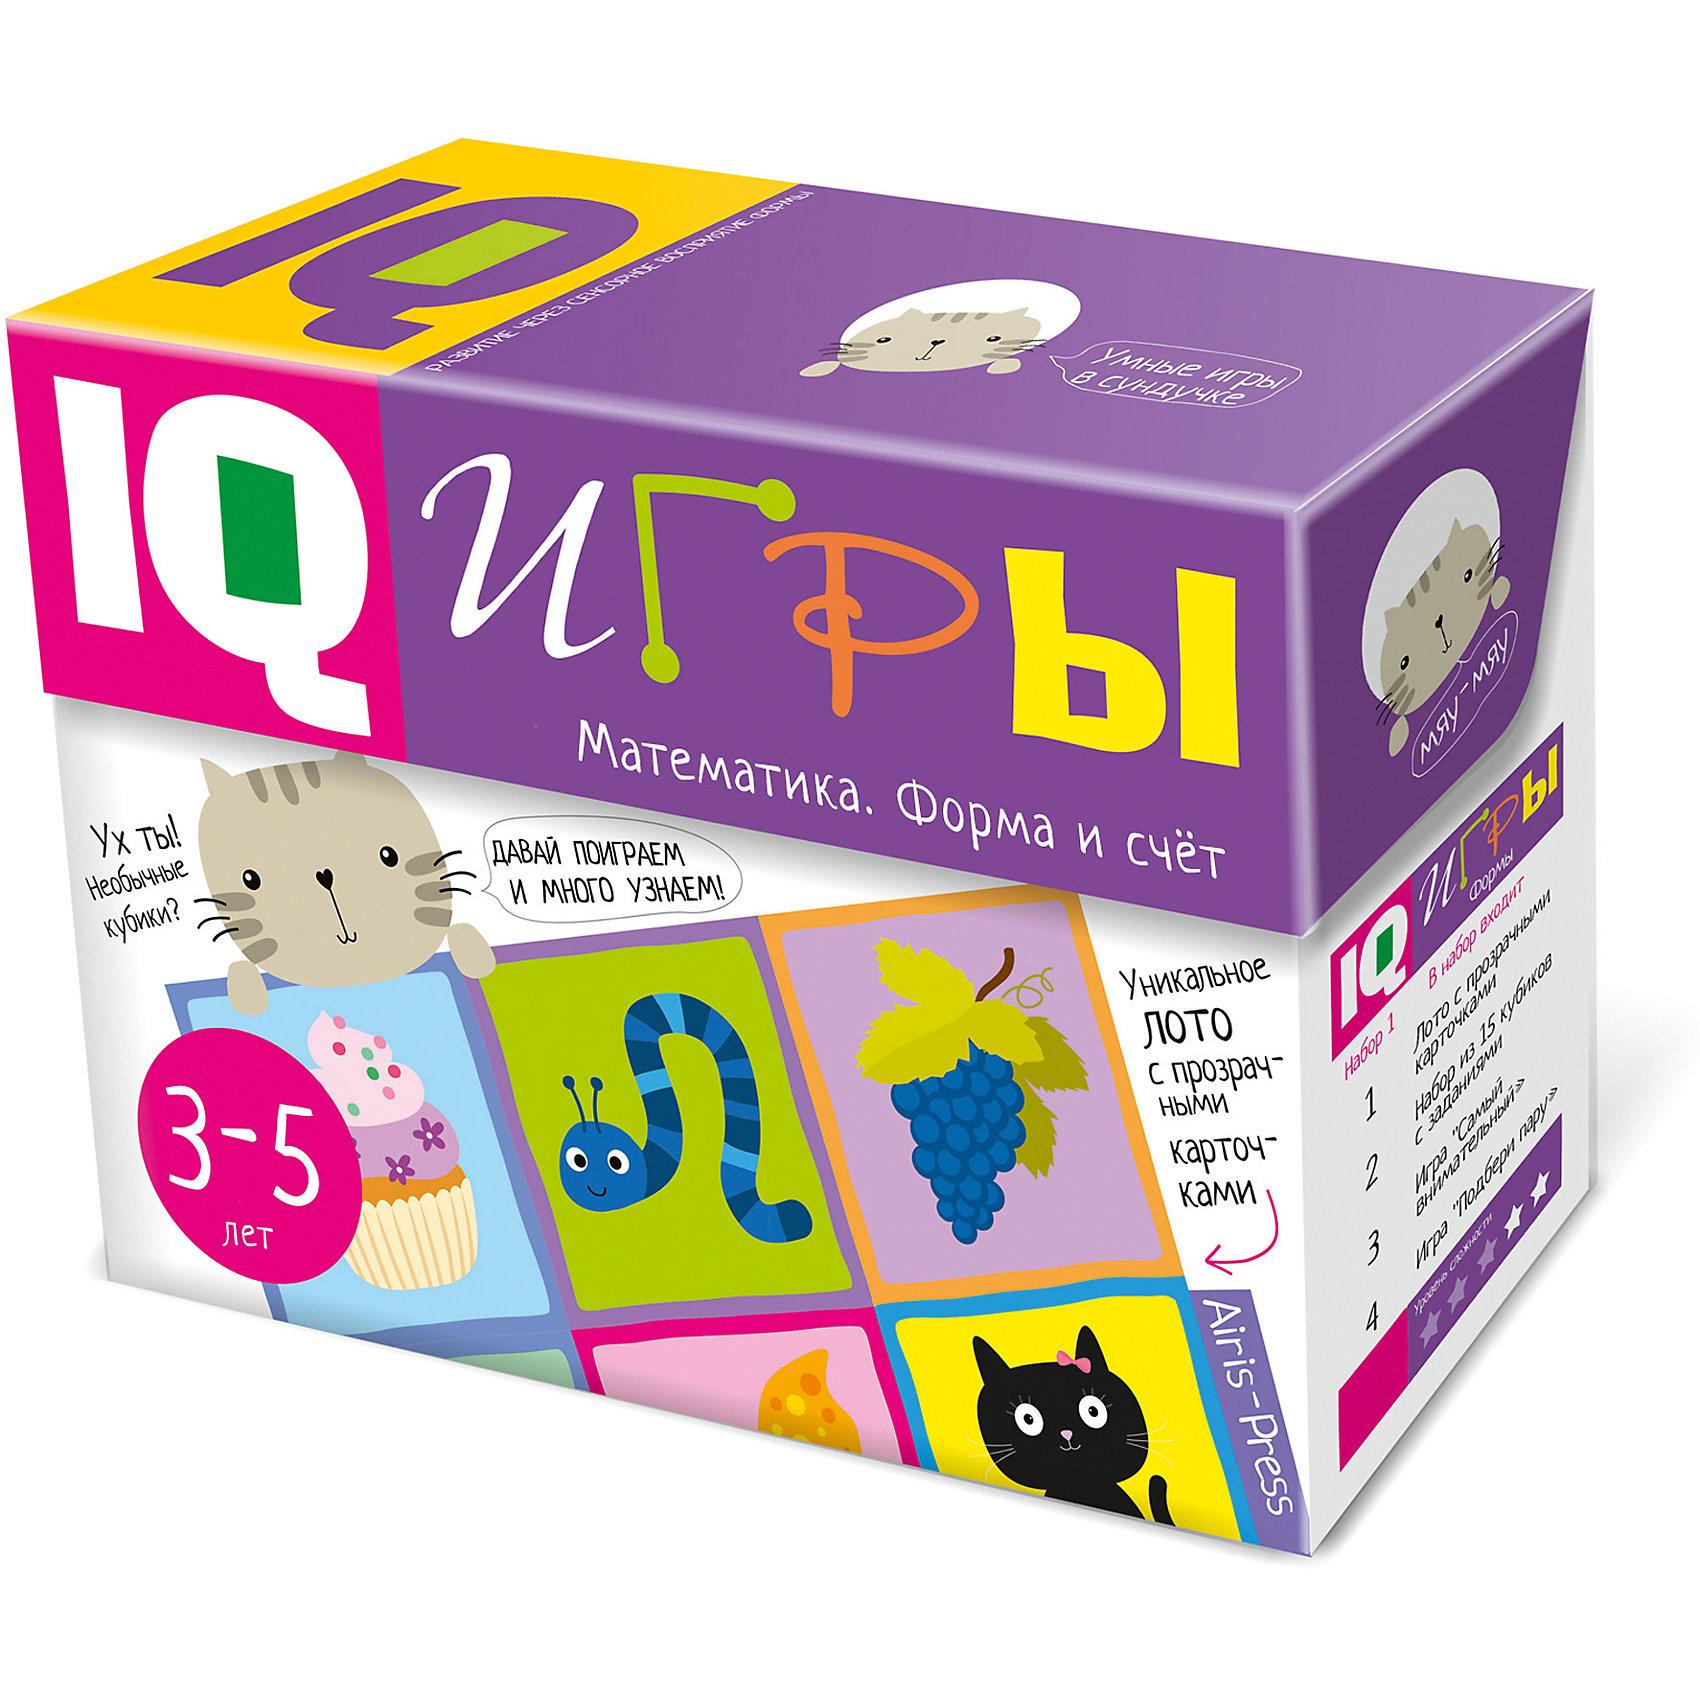 Сундучок с  IQ играми Математика: Форма и счет, 3-5 летПособия для обучения счёту<br>Характеристики товара:<br><br>• возраст: от 3 лет<br>• комплектация: IQ-лото с 54 прозрачными карточками; 12 кубиков с цветным изображением животных; красочная игра-головоломка «Я самый внимательный!»; игра с прищепками «Подбери пару»; игра с объёмными цифрами «Трафареты»; методическое пособие.<br>• производитель: Айрис-пресс<br>• серия: Умные игры в сундучке<br>• упаковка: картонная коробка-сундучок<br>• размер упаковки: 16,6х22,8х8,5 см.<br>• вес: 746 гр.<br><br>IQ-игры «Математика. Форма и счёт» — это набор интересных игр для активной подготовки к школе.<br><br>В игровой комплект включены 5 развивающих игр: IQ-лото с 54 прозрачными карточками, 12 кубиков с цветным изображением животных, красочная игра-головоломка «Я самый внимательный!», необычная игра с прищепками «Подбери пару», игра с объёмными цифрами «Трафареты», а также методическое пособие с подробным описанием заданий.<br><br>Игры направлены на развитие сенсорики, внимания, памяти, мышления, воображения и речи. В процессе игры ребёнок научится узнавать форму предмета по его части, приобретёт начальные математические знания, изучит геометрические фигуры. Он сможет самостоятельно определять, правильно ли выполнено задание, научится находить свои ошибки и исправлять их. Играть можно вдвоём (если ребёнок маленький) или в компании (хороший вариант для старших дошкольников).<br><br>Сундучок с  IQ играми Математика: Форма и счет, 3-5 лет можно купить в нашем интернет-магазине.<br><br>Ширина мм: 80<br>Глубина мм: 220<br>Высота мм: 165<br>Вес г: 750<br>Возраст от месяцев: 36<br>Возраст до месяцев: 60<br>Пол: Унисекс<br>Возраст: Детский<br>SKU: 6849584